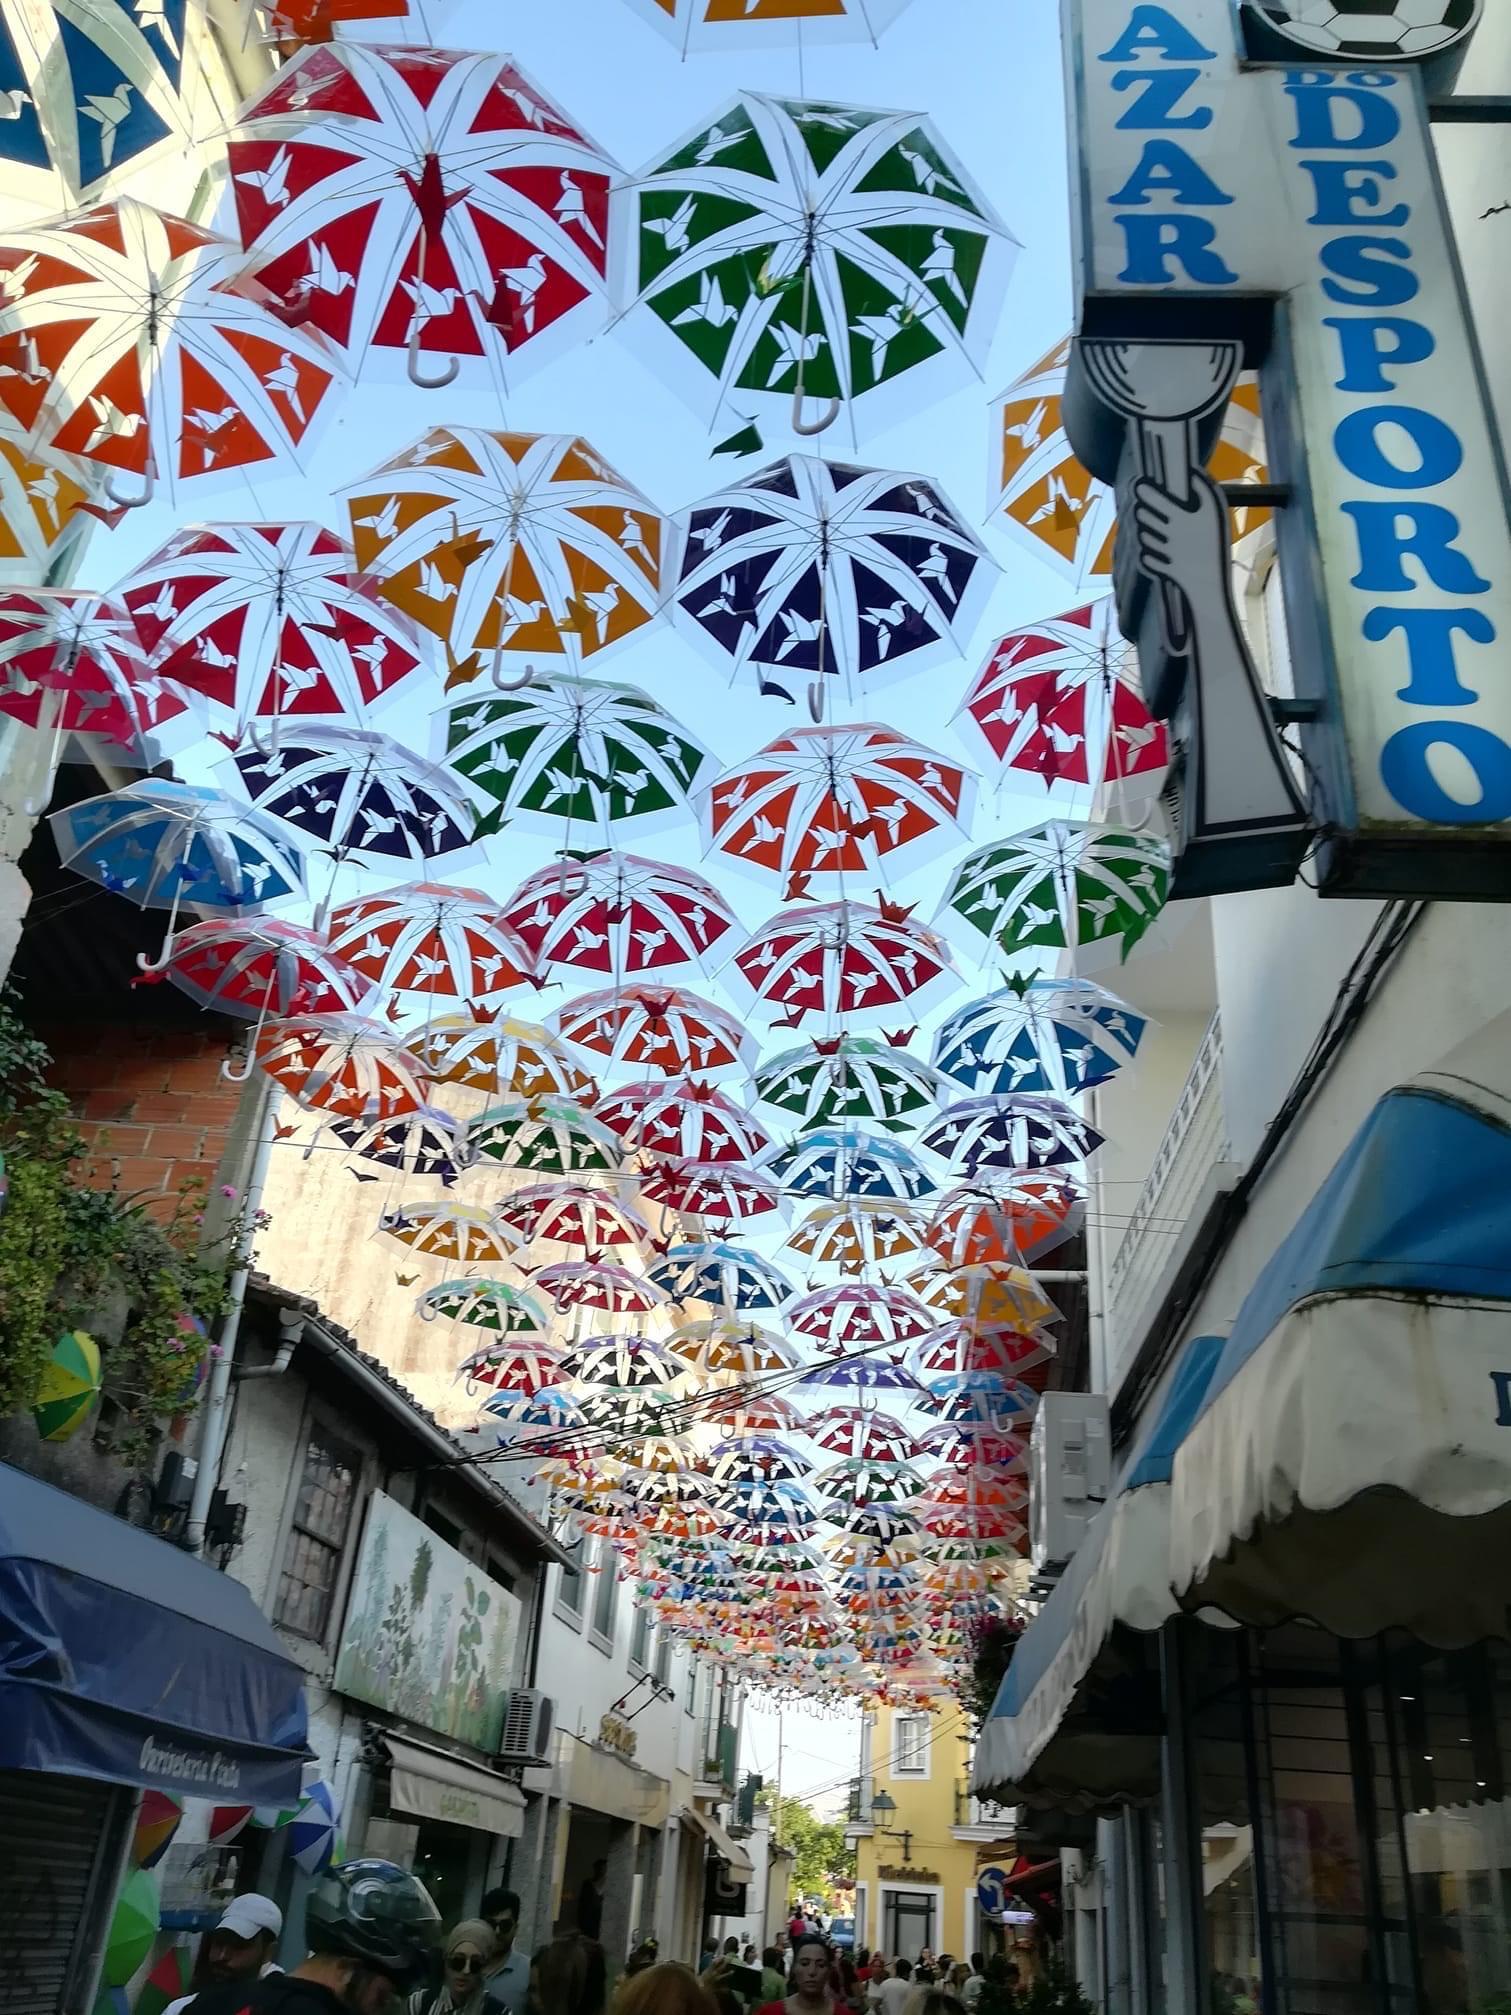 Parapluies_Agueda Portugal_Nadine GABIACHE